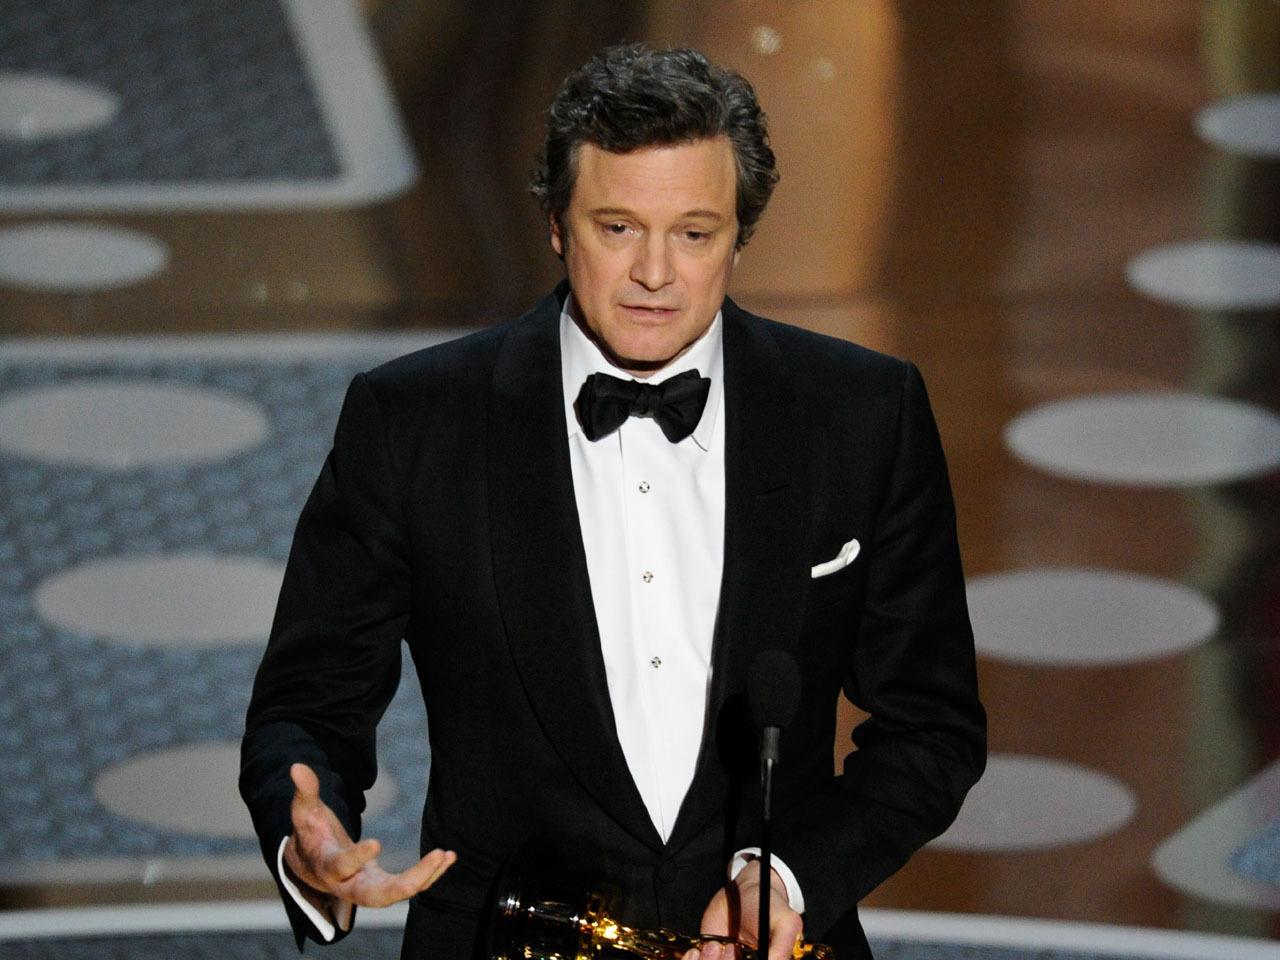 Colin Firth's Oscar acceptance speech (VIDEO): Did he stutter? - CBS